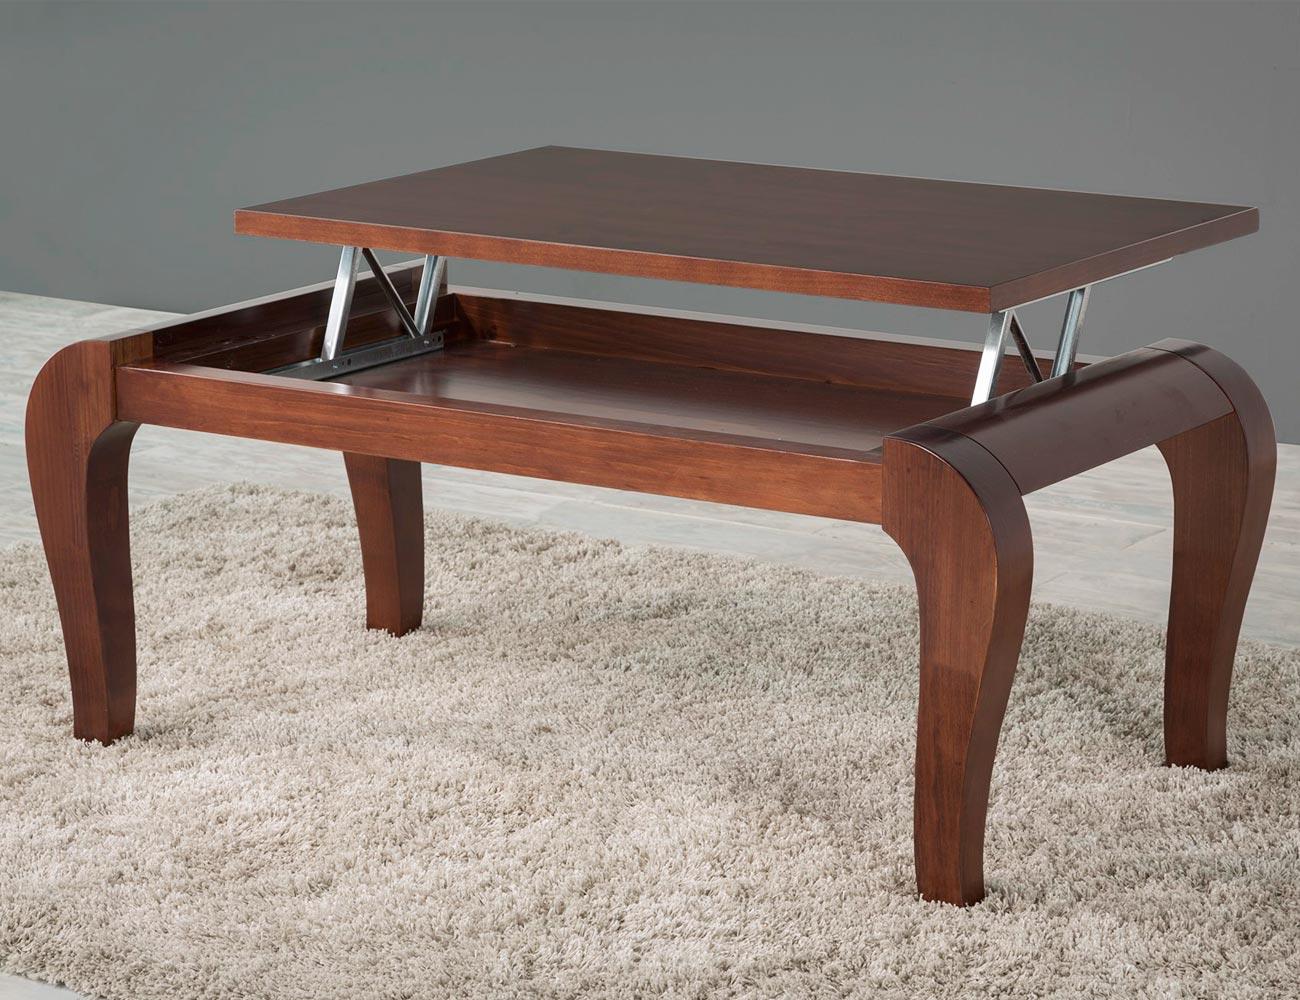 H 63 mesa centro pata isabelina tapa elevable madera1